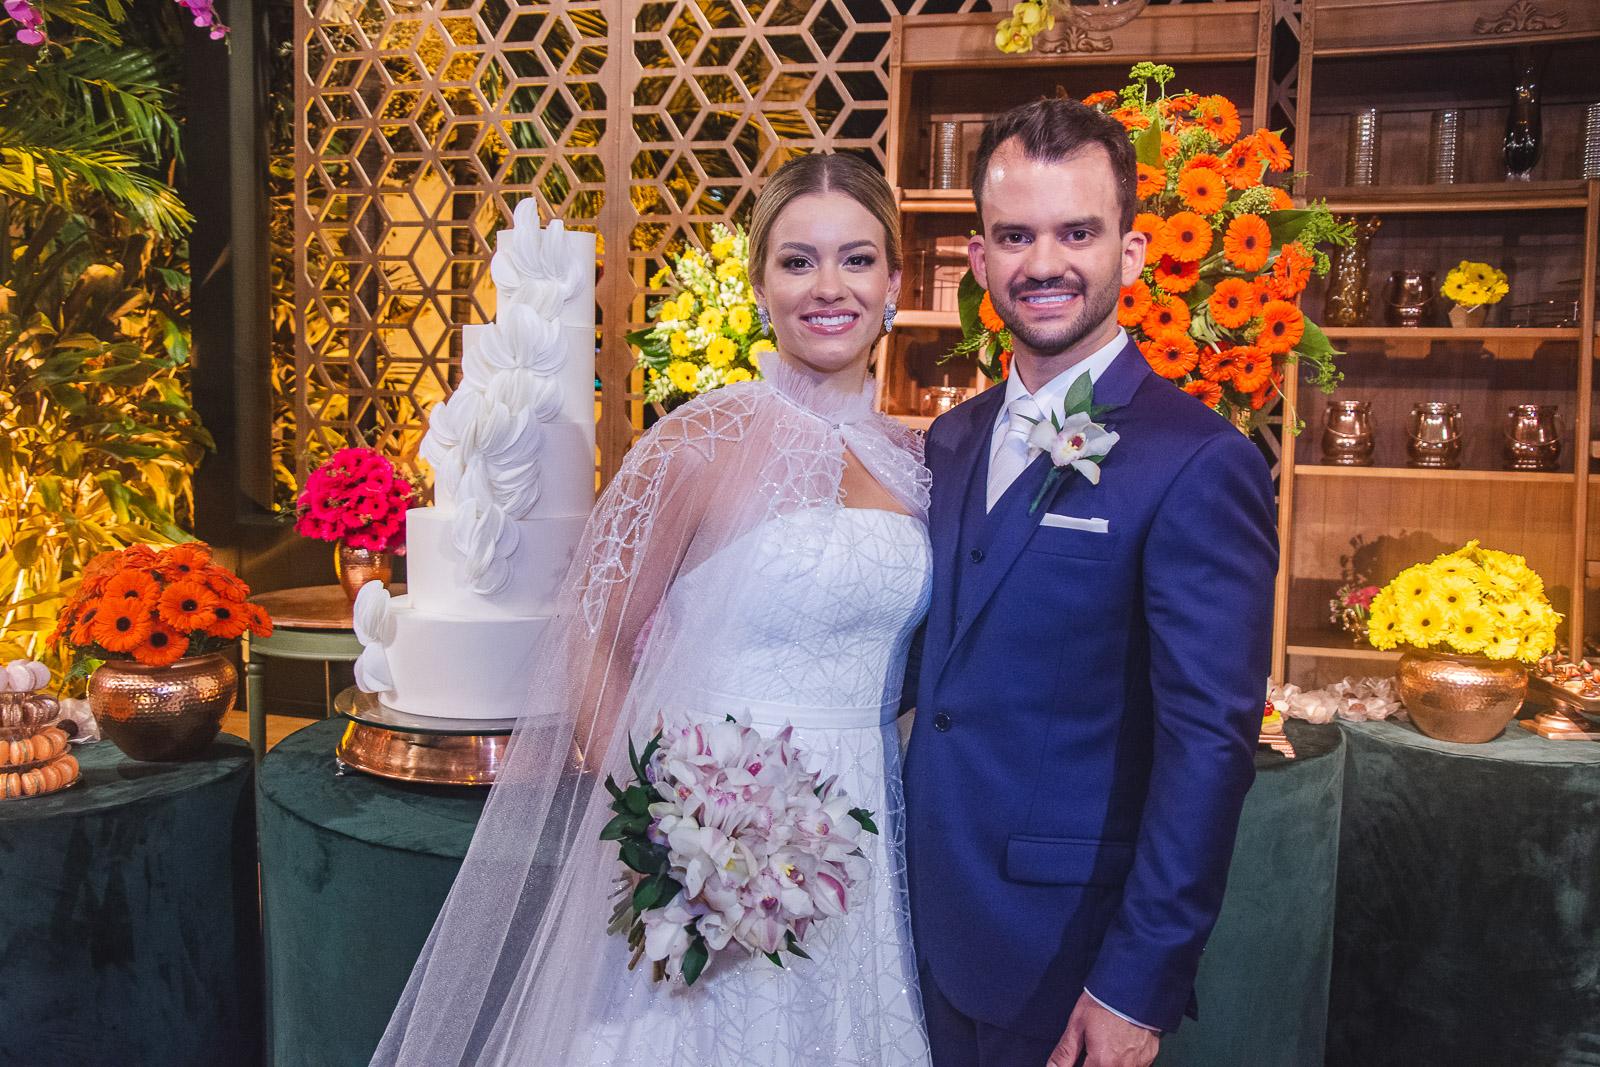 Emanuella Lacerda e Waldemir Feitosa celebram o amor em cerimônia intimista no Pipo Restaurante